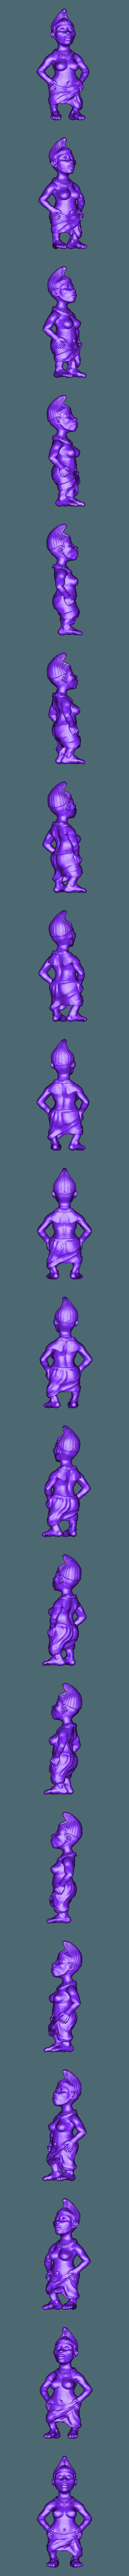 Africa_4.stl Download free STL file African statue • 3D printer design, stl3dmodel